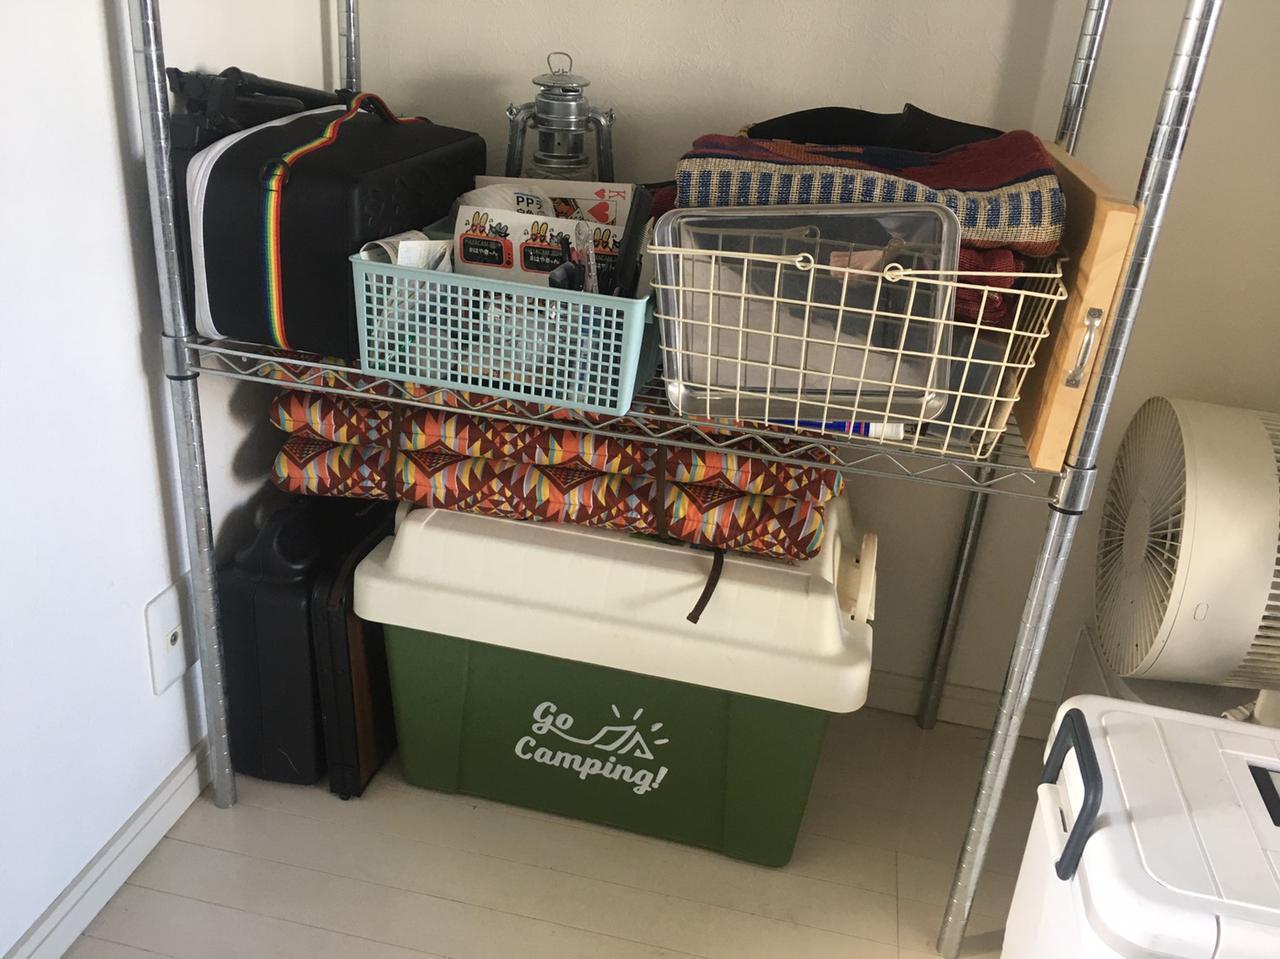 画像: 【実例紹介】自宅のキャンプ用品収納術や収納アイテムをご紹介! - ハピキャン(HAPPY CAMPER)